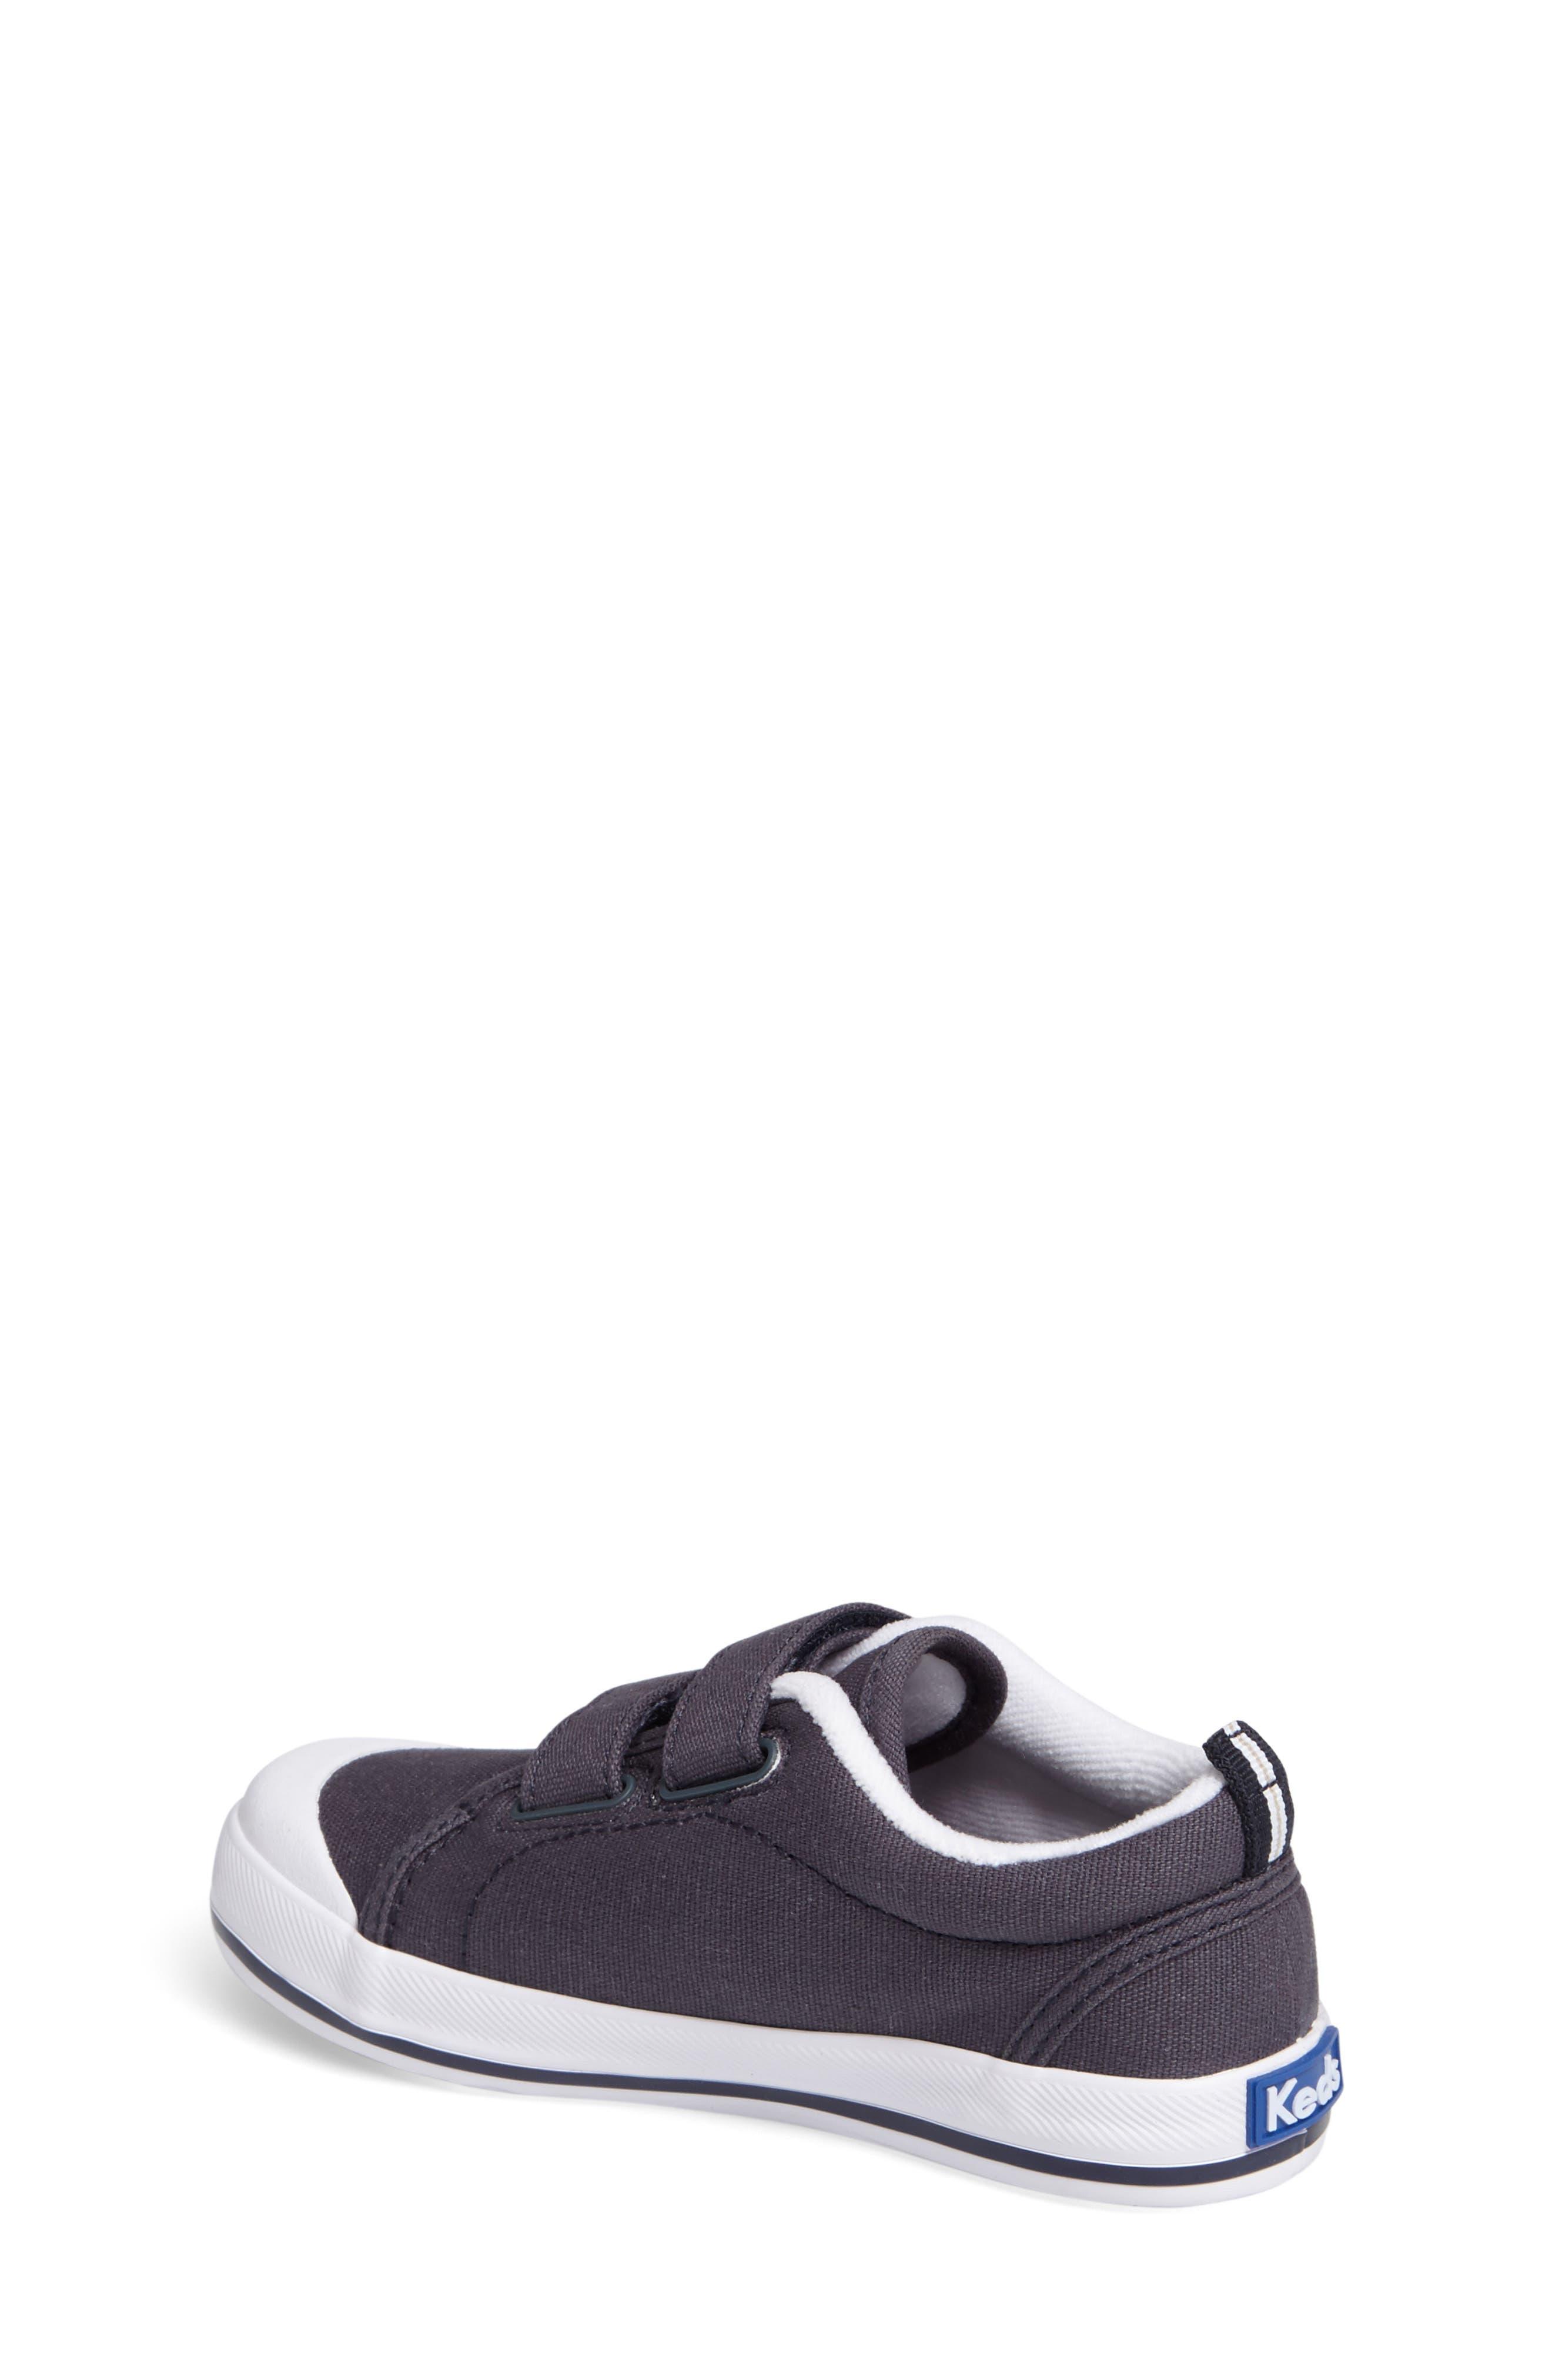 'Graham' Hook & Loop Sneaker,                             Alternate thumbnail 4, color,